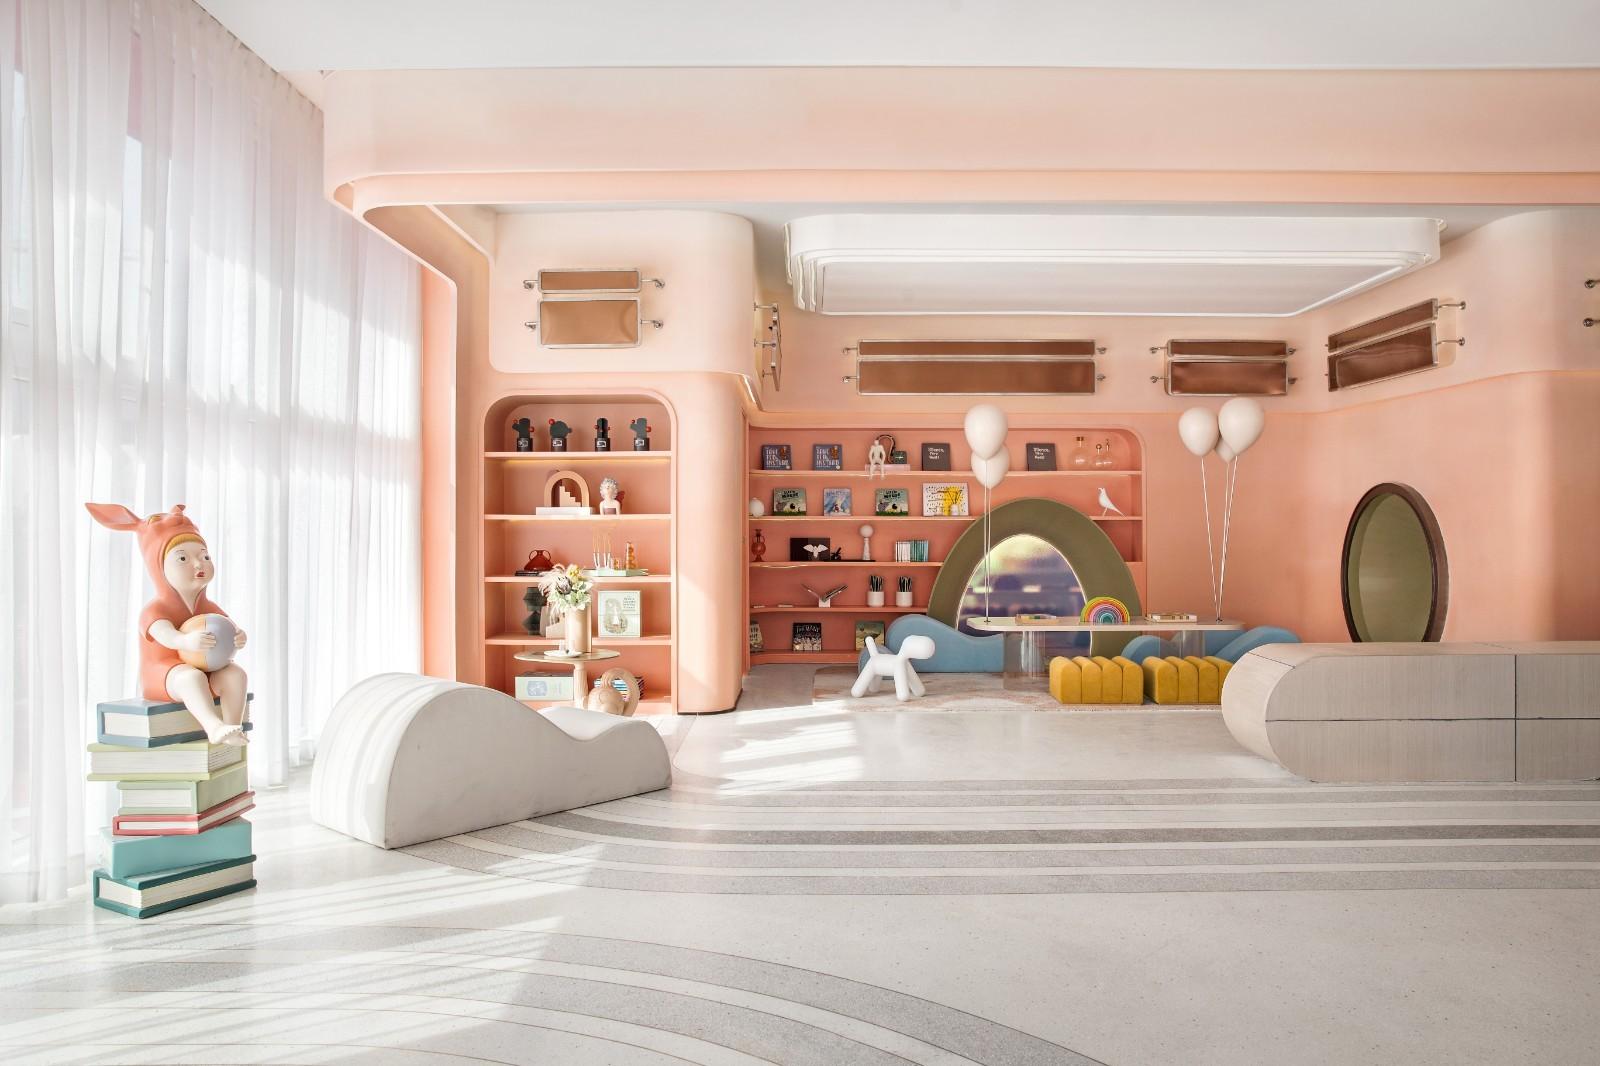 色彩斑斓的幼儿园,用设计打造一个神秘、梦幻的寻梦工厂